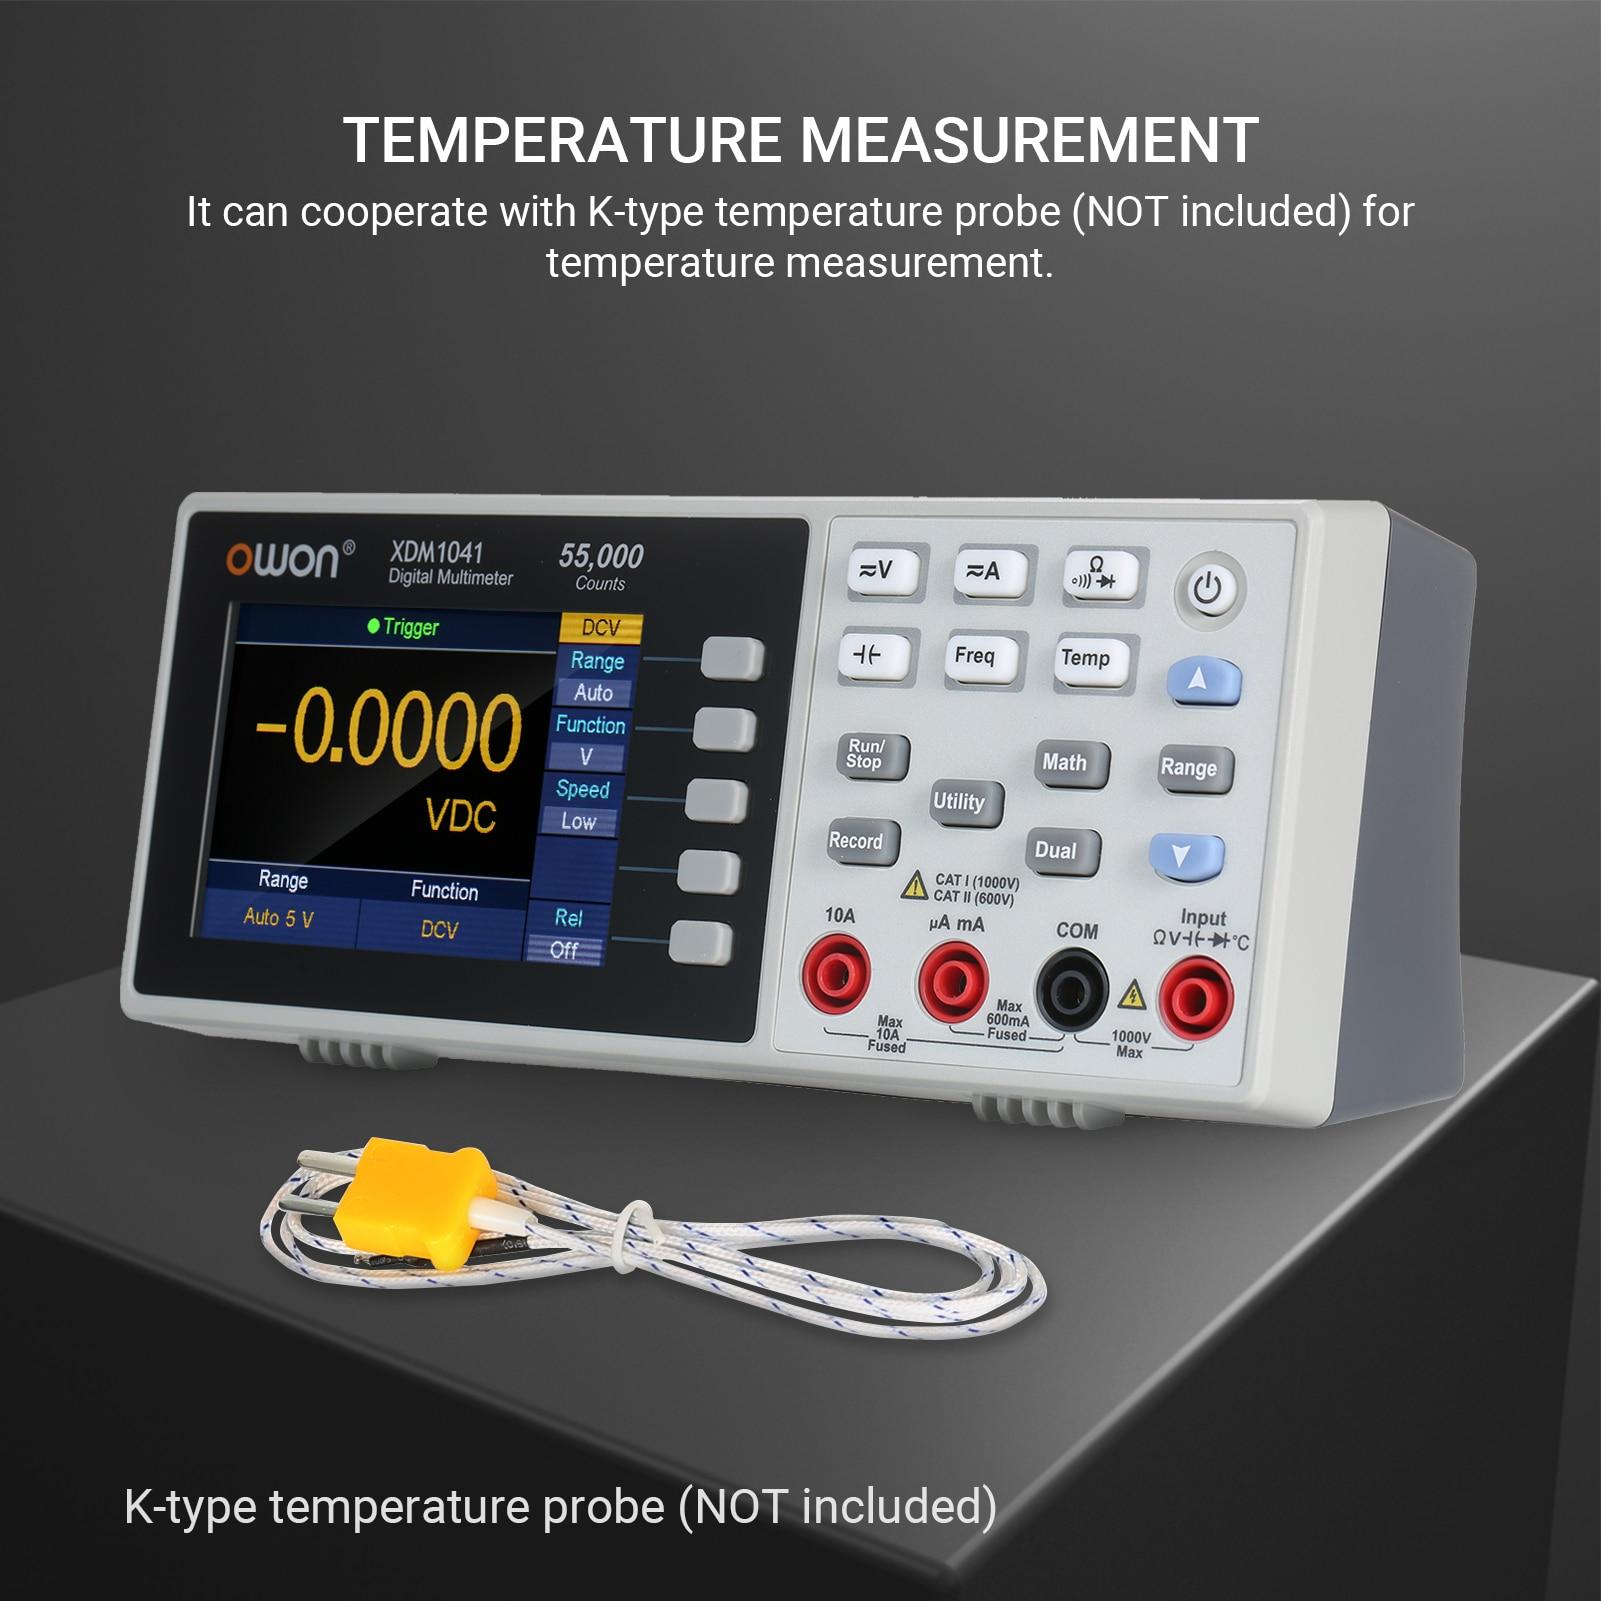 عداد رقمي متعدد موديل owin XDM1041 55000 ، مقياس عالمي عالي الدقة بشاشة 3.7 بوصة TFT LCD مع مقياس إضاءة خلفية